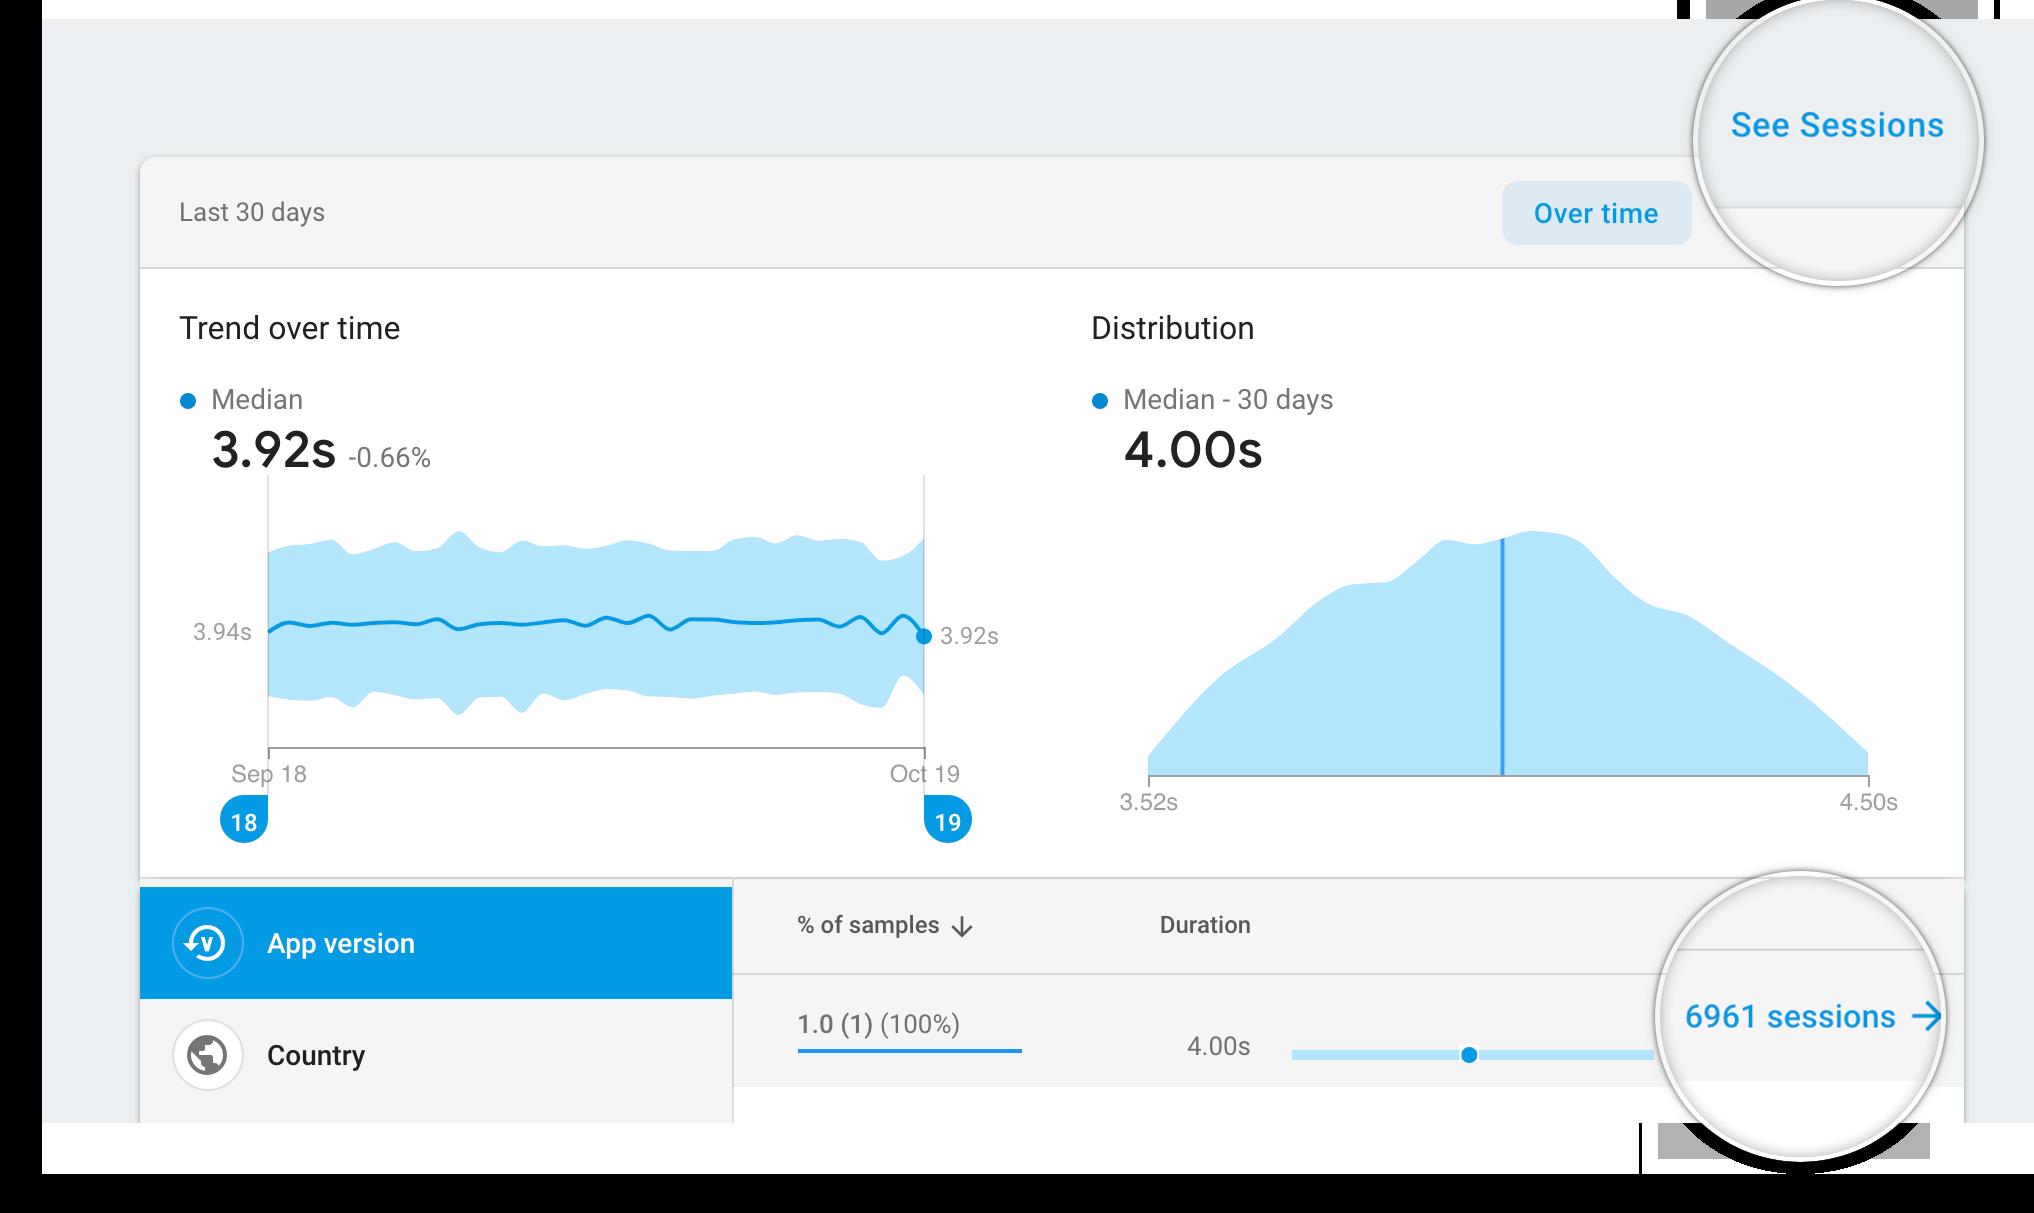 带有会话链接的 Firebase 性能监控跟踪的图像